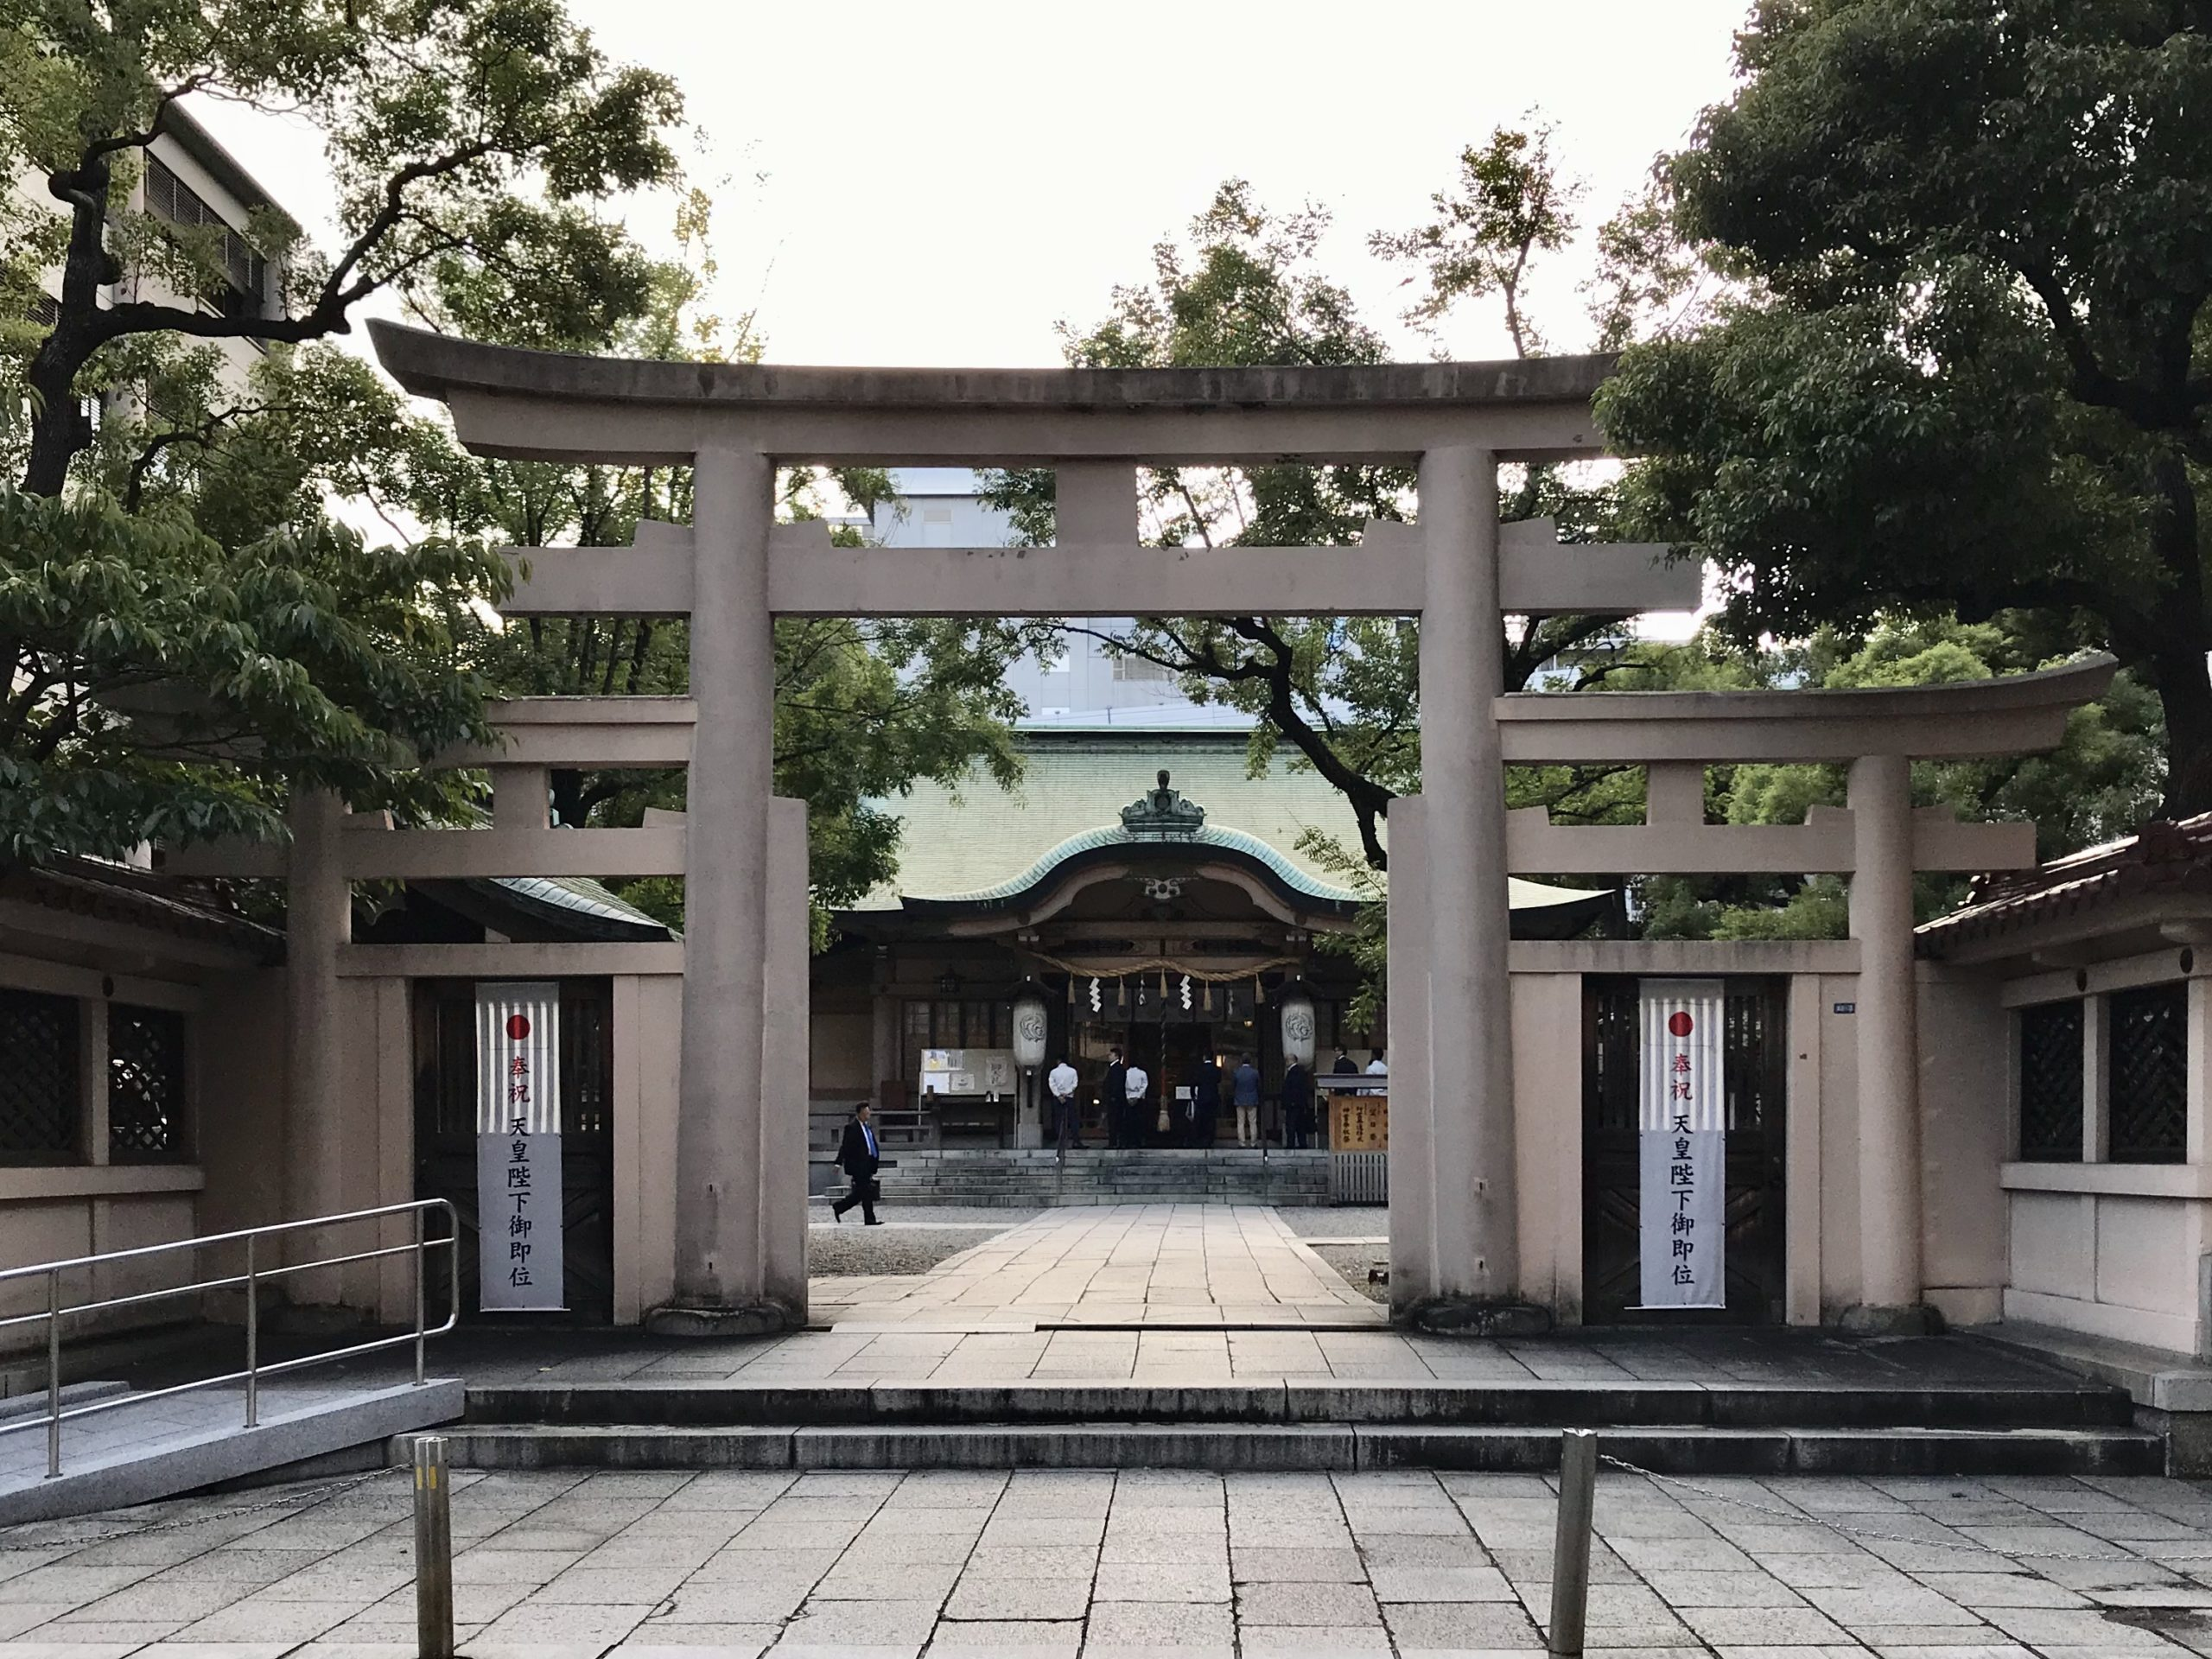 坐摩神社いかすりじんじゃ(大阪)